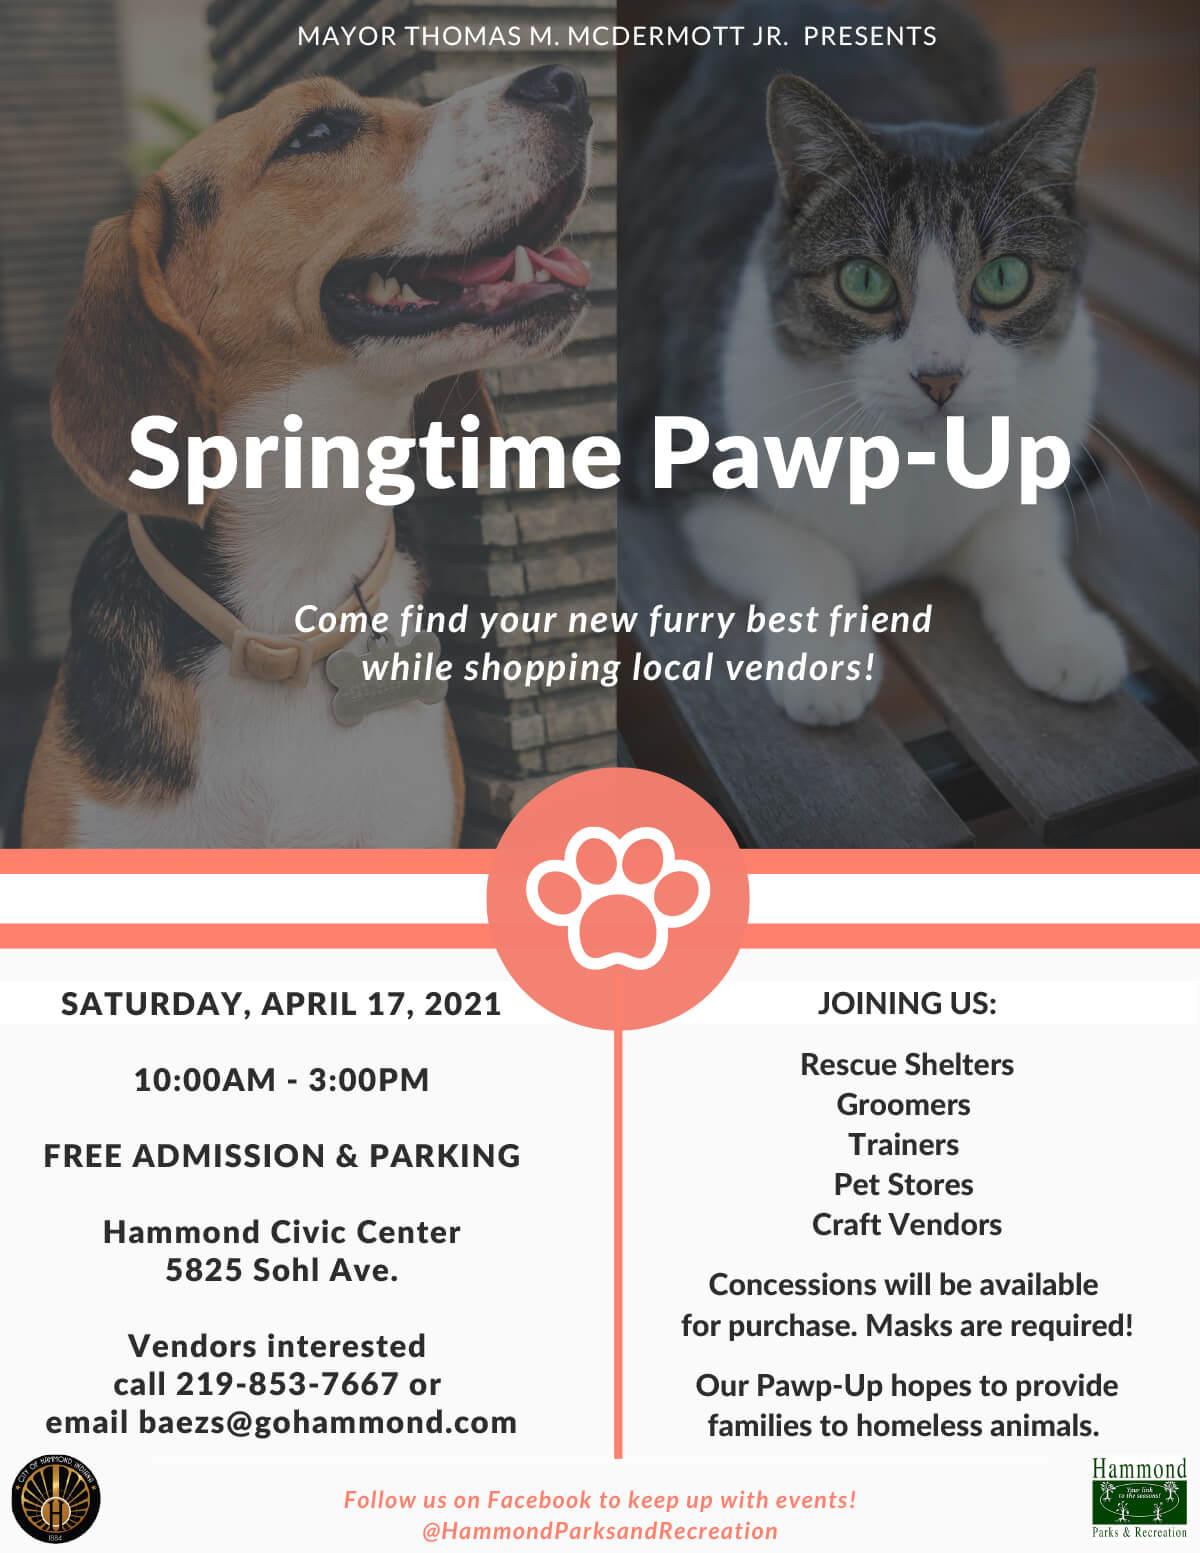 Springtime Pawp-up